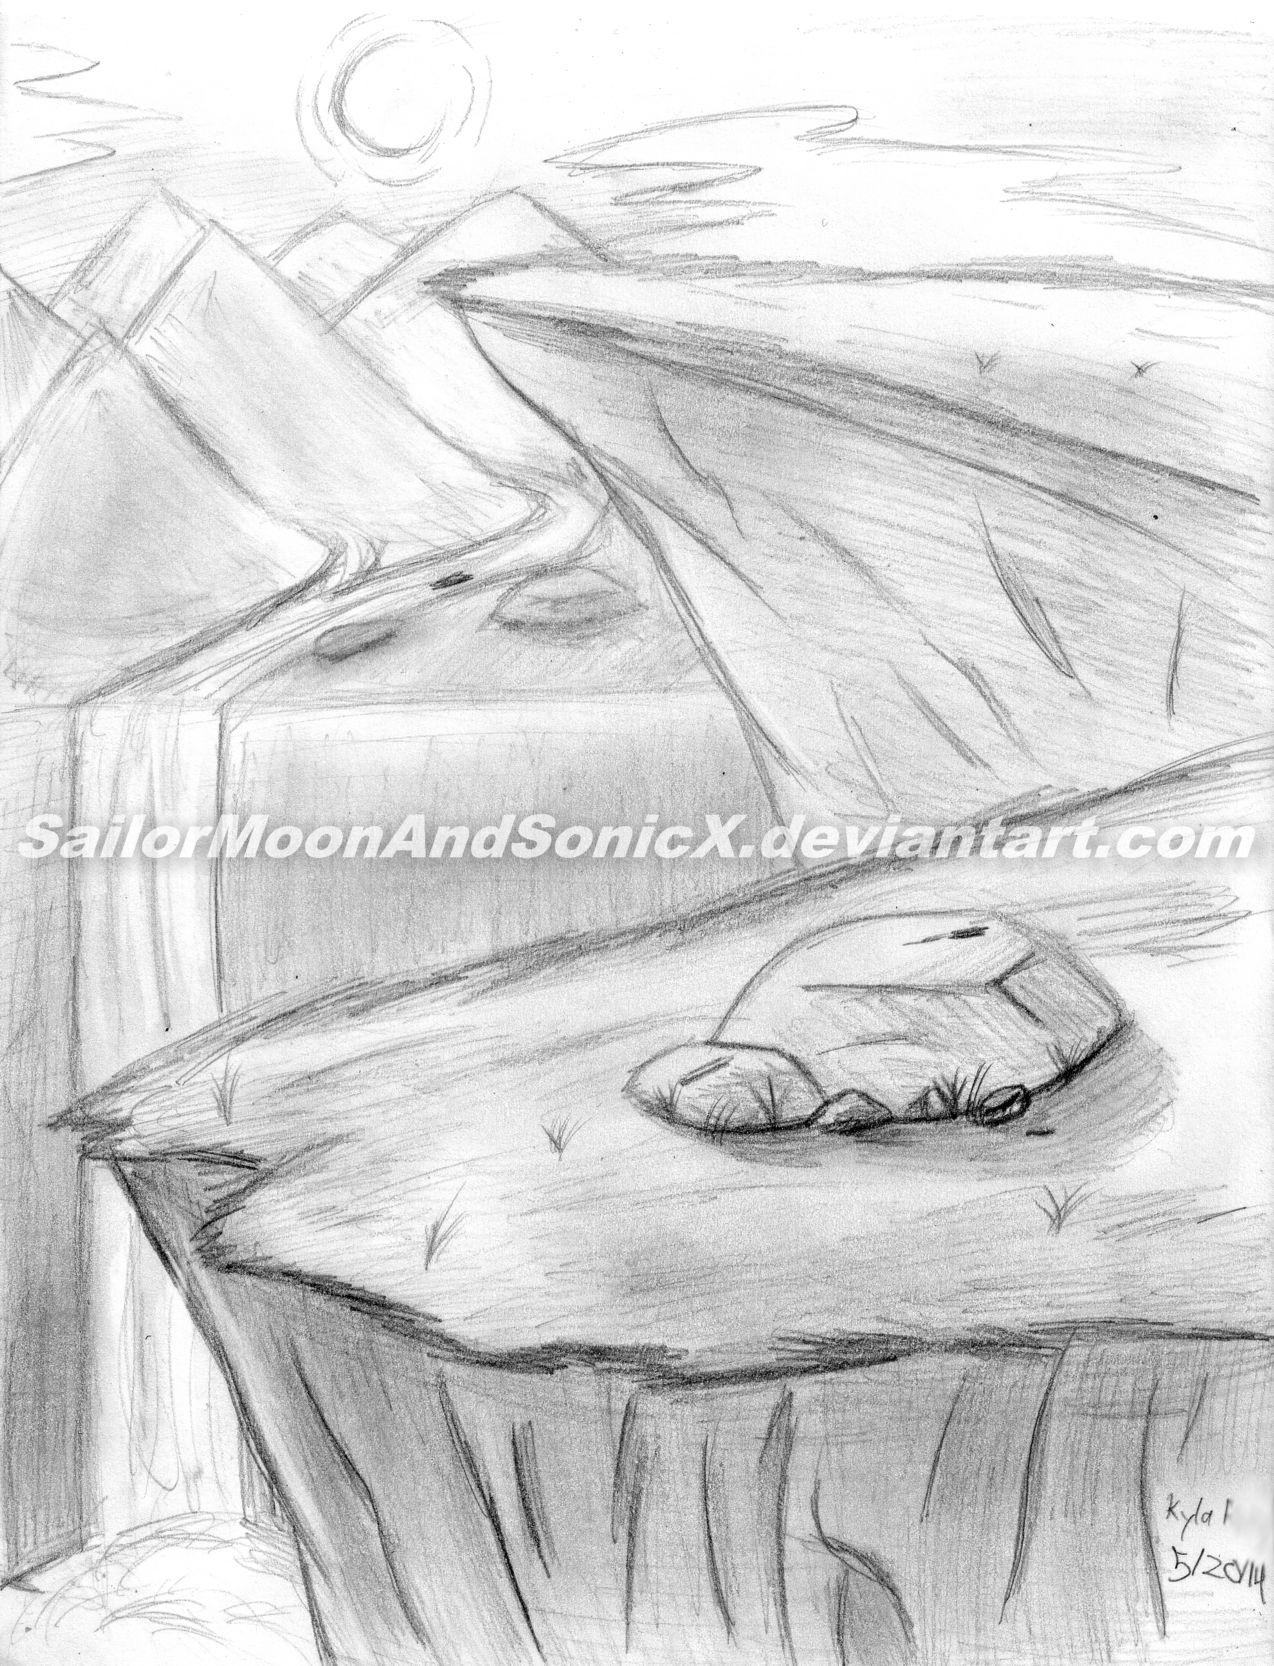 1274x1666 Rocky Landscape by SailorMoonAndSonicX on DeviantArt